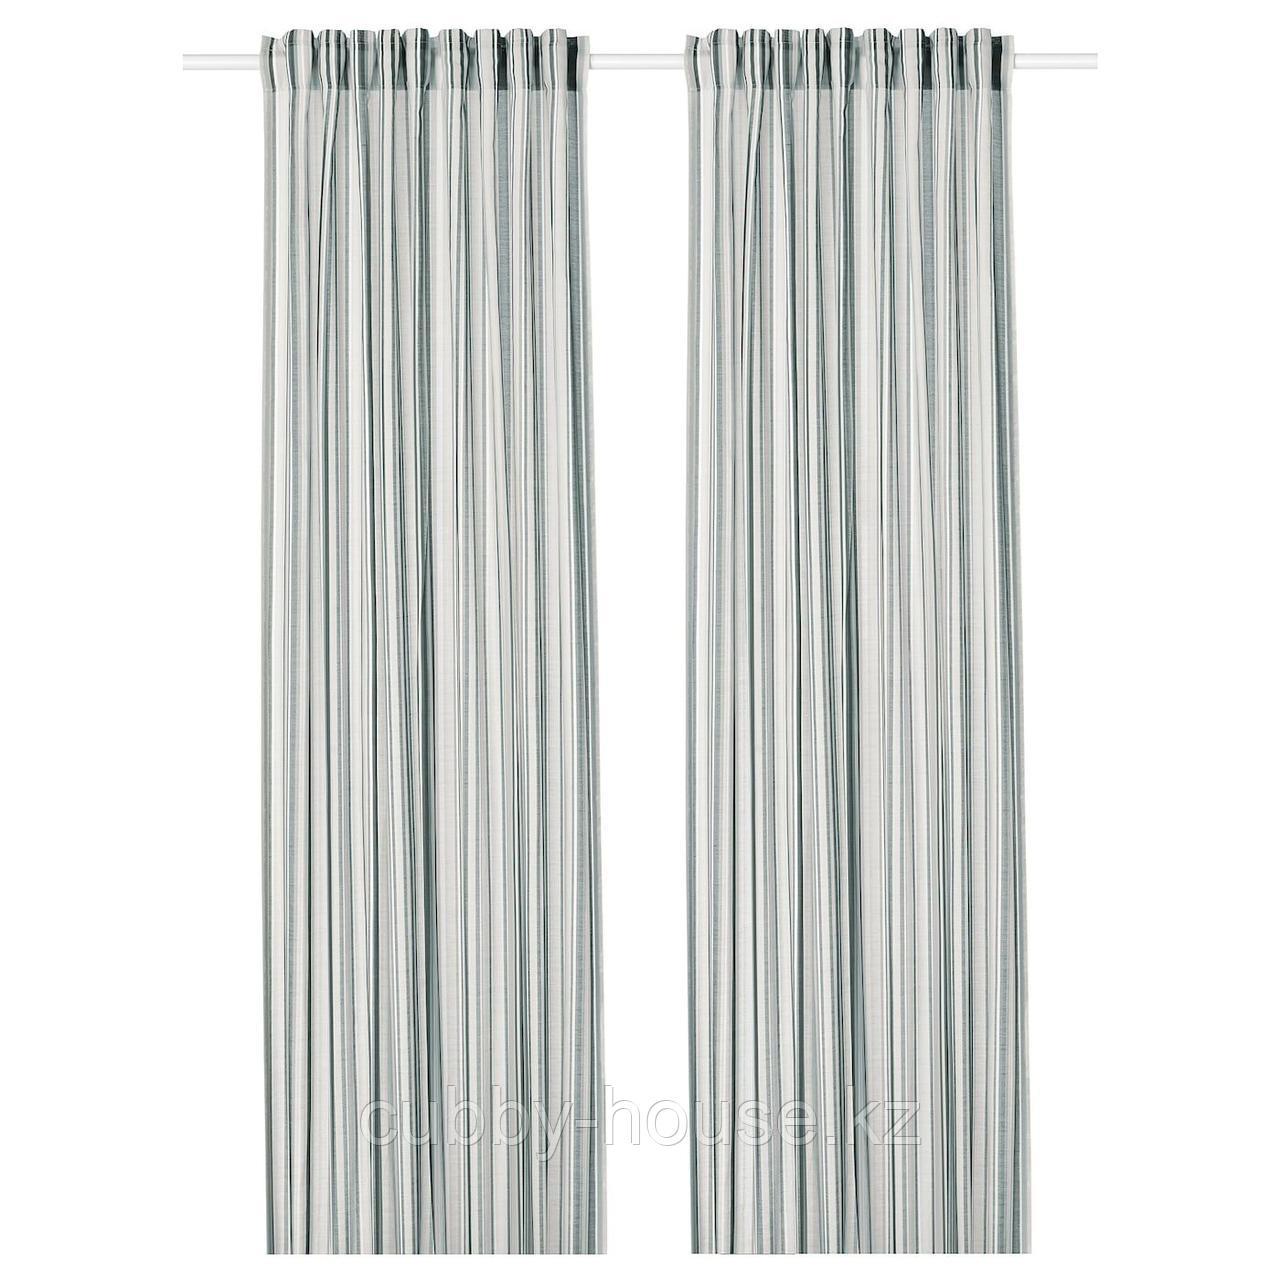 ПРАКТКЛОККА Гардины, 1 пара, серый, в полоску, 145x300 см